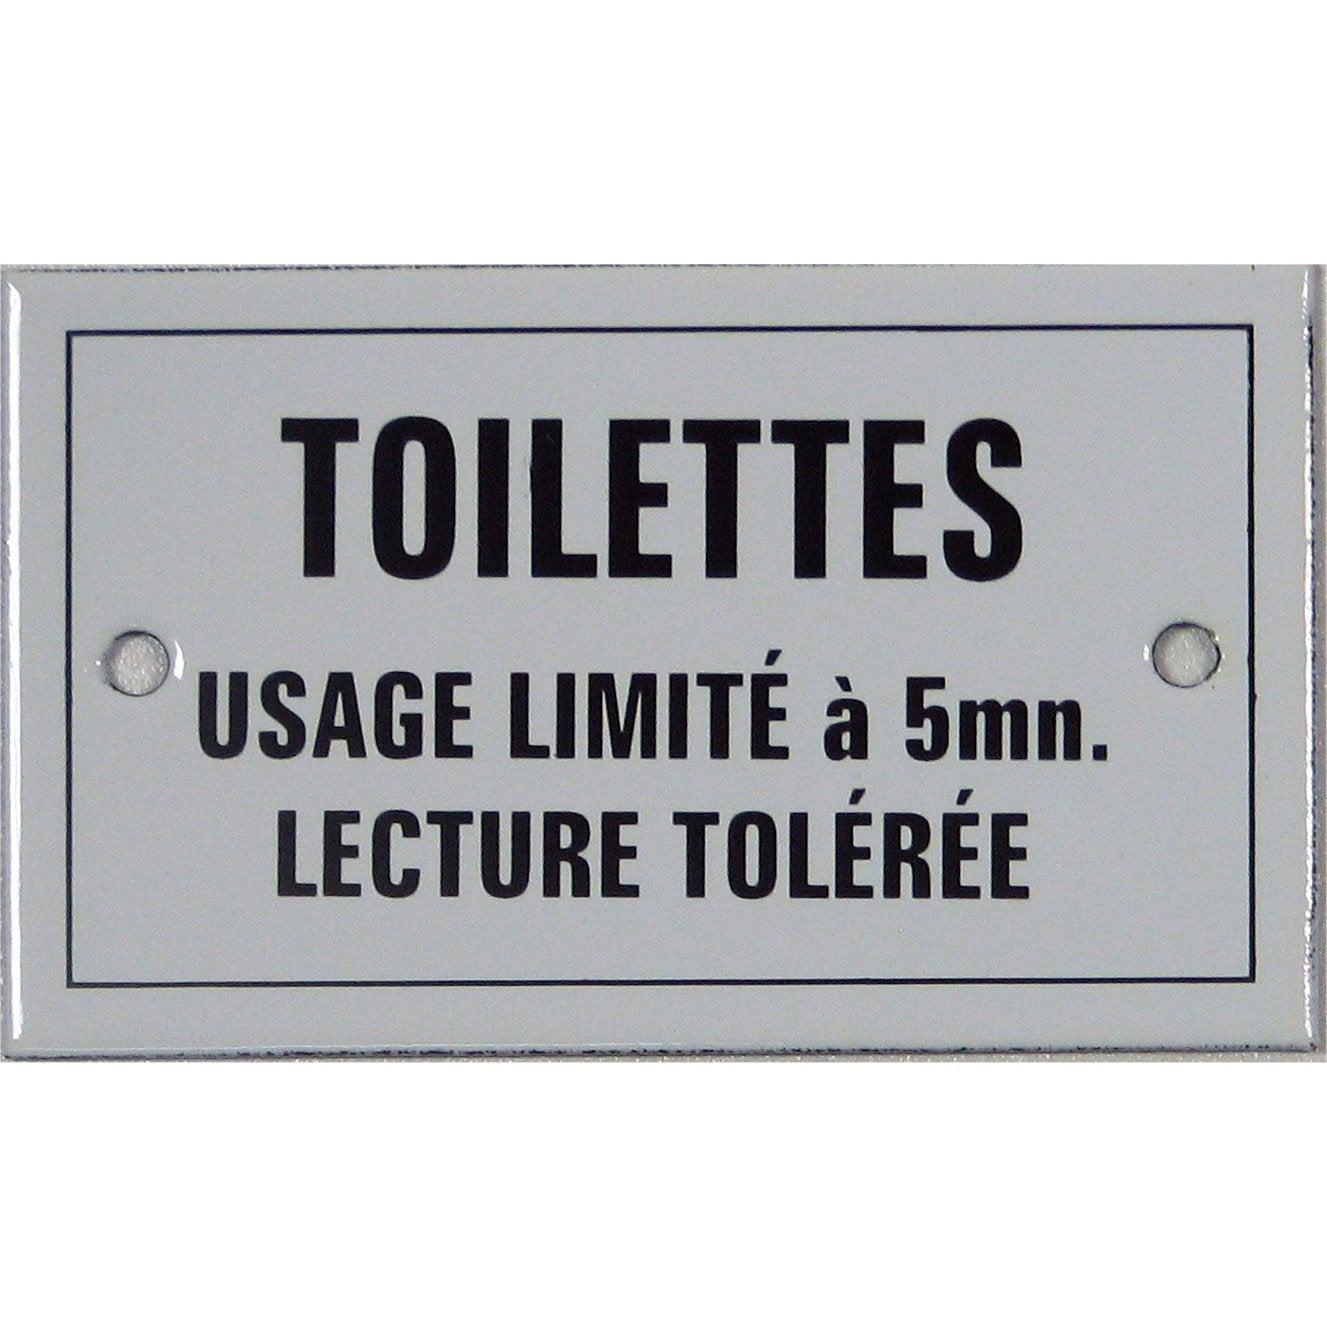 Plaque maill e toilettes usage limit 5mn lecture - Tableau humoristique pour wc ...